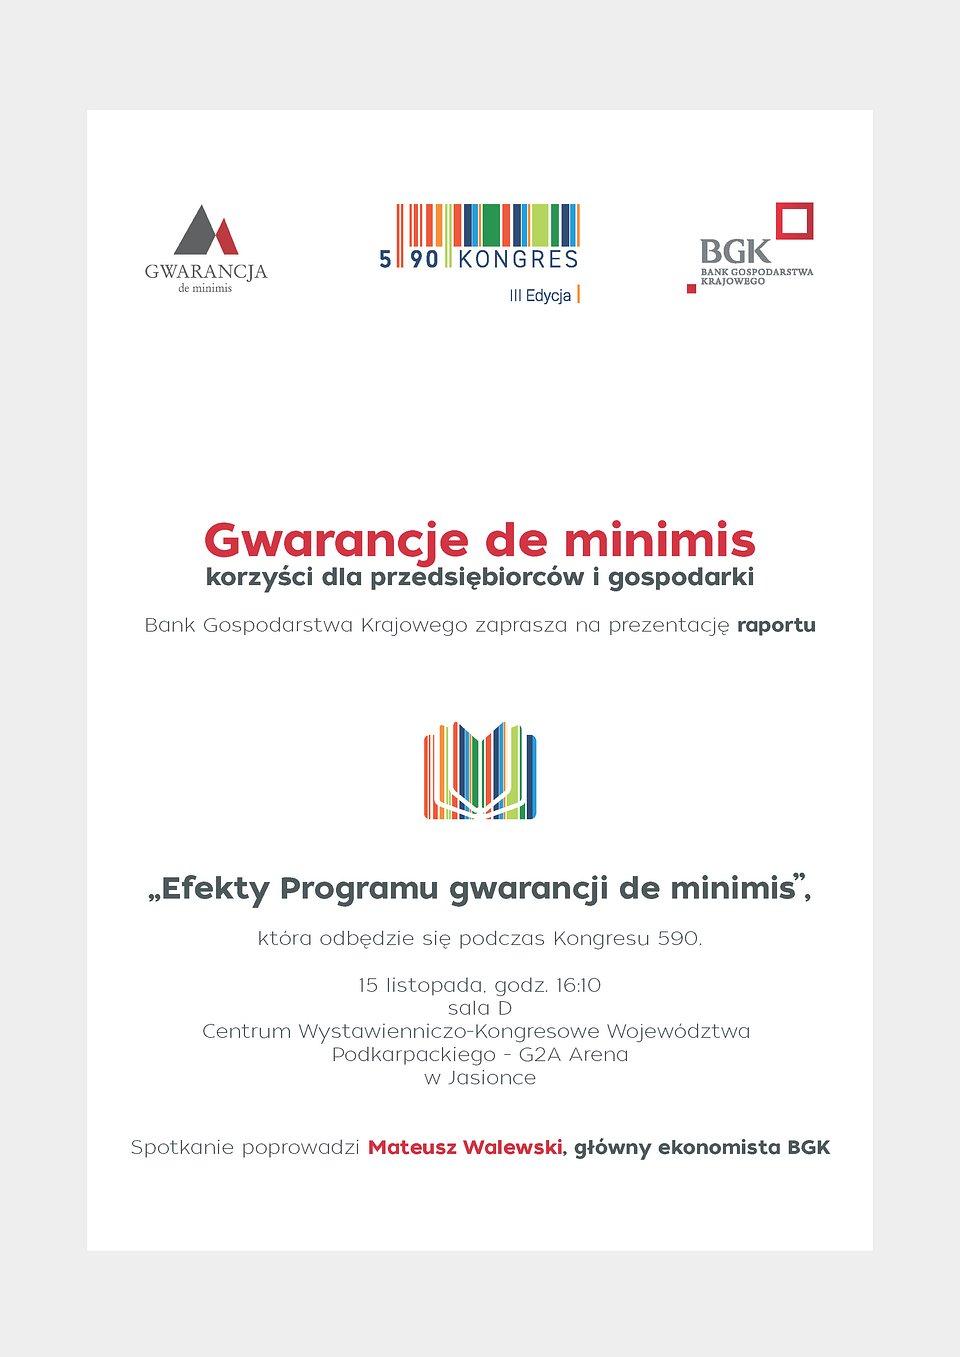 Efekty Programu gwarancji de minimis - Zaproszenie (Kongres 590)_.jpg